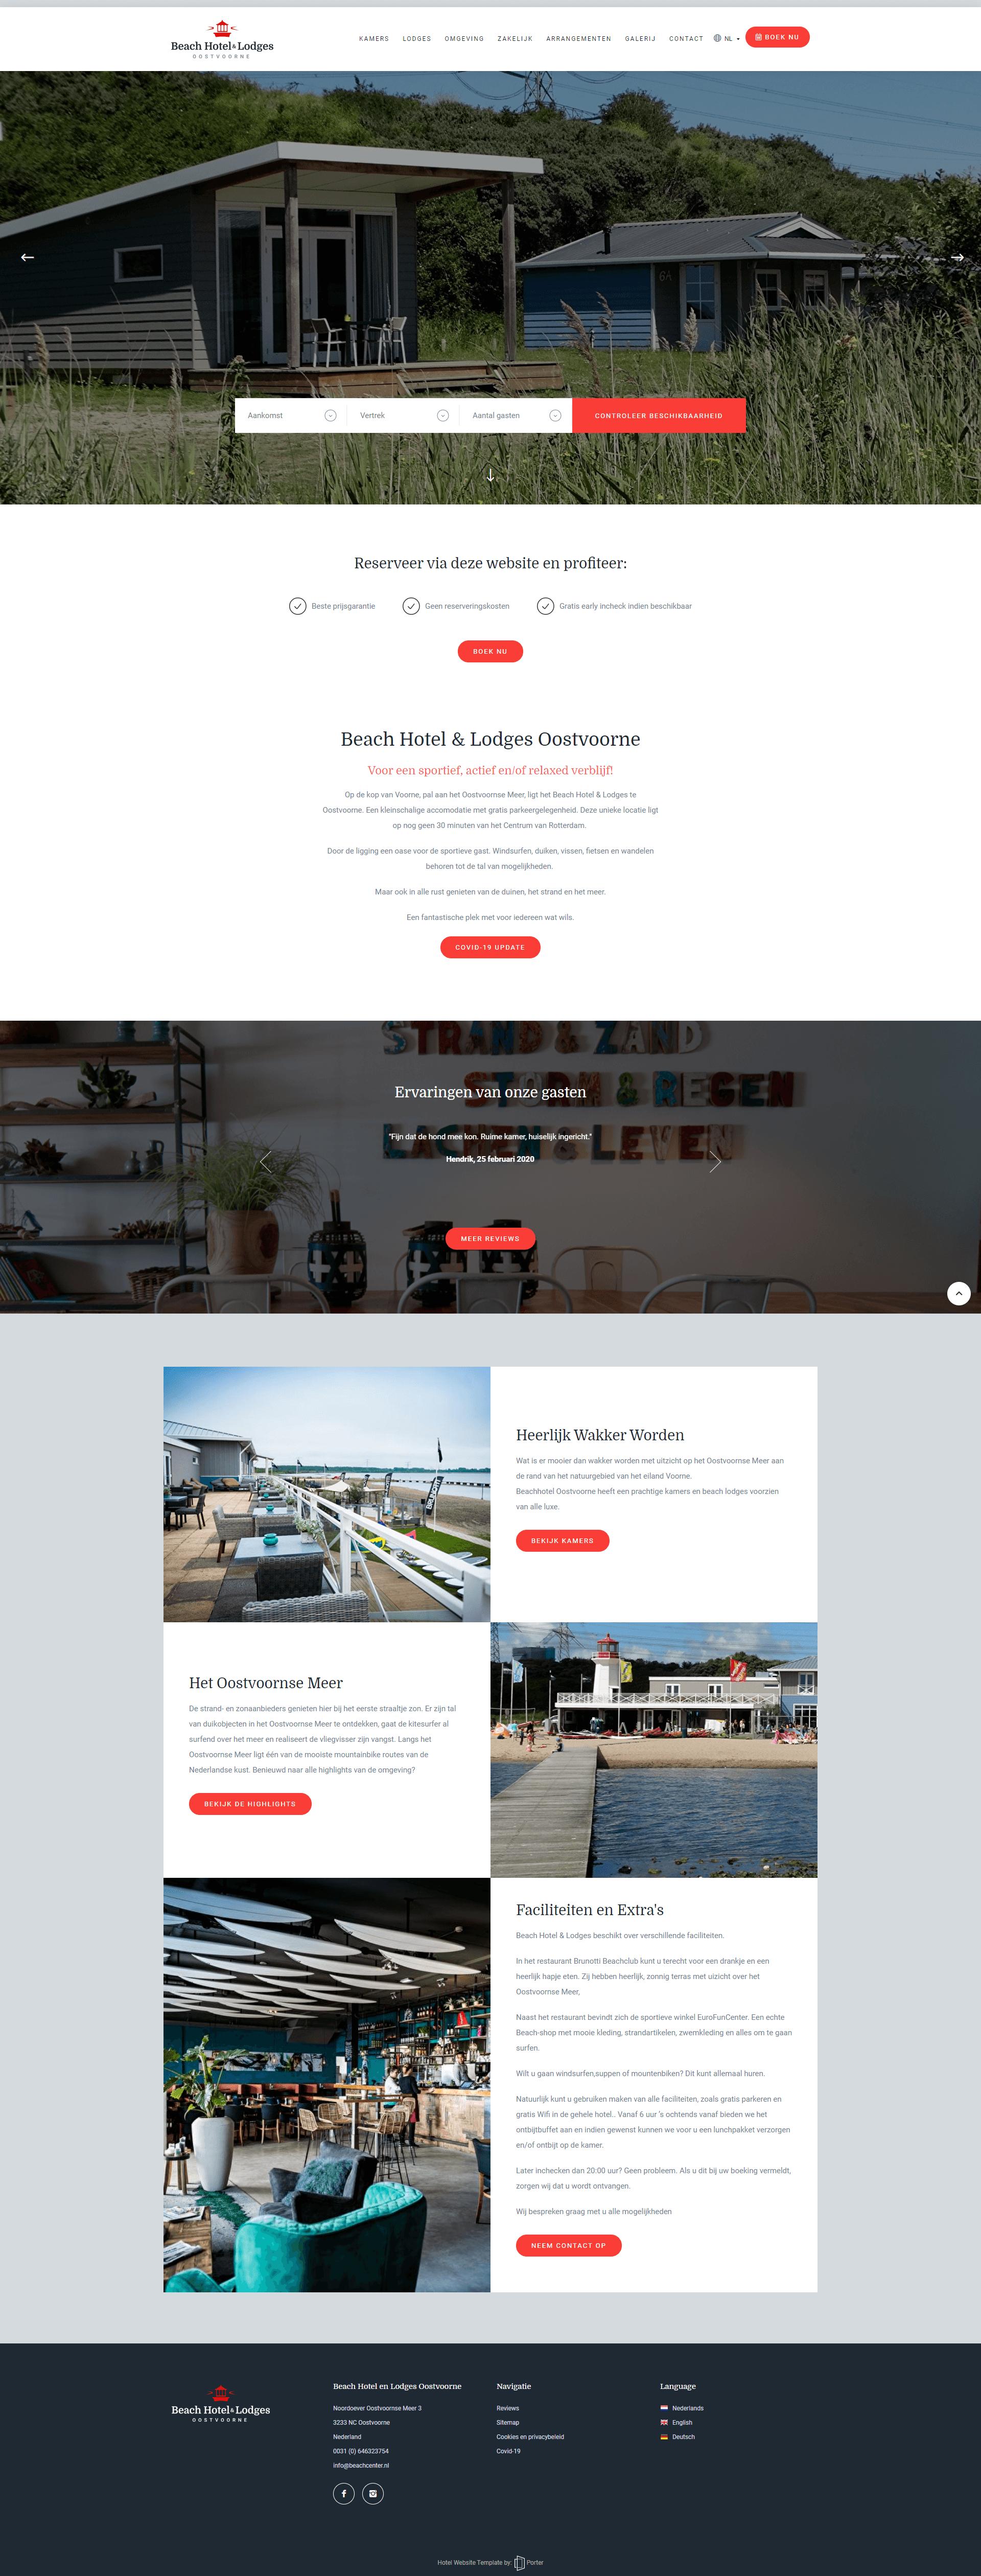 Beach Hotel & Lodges Oostvoorne